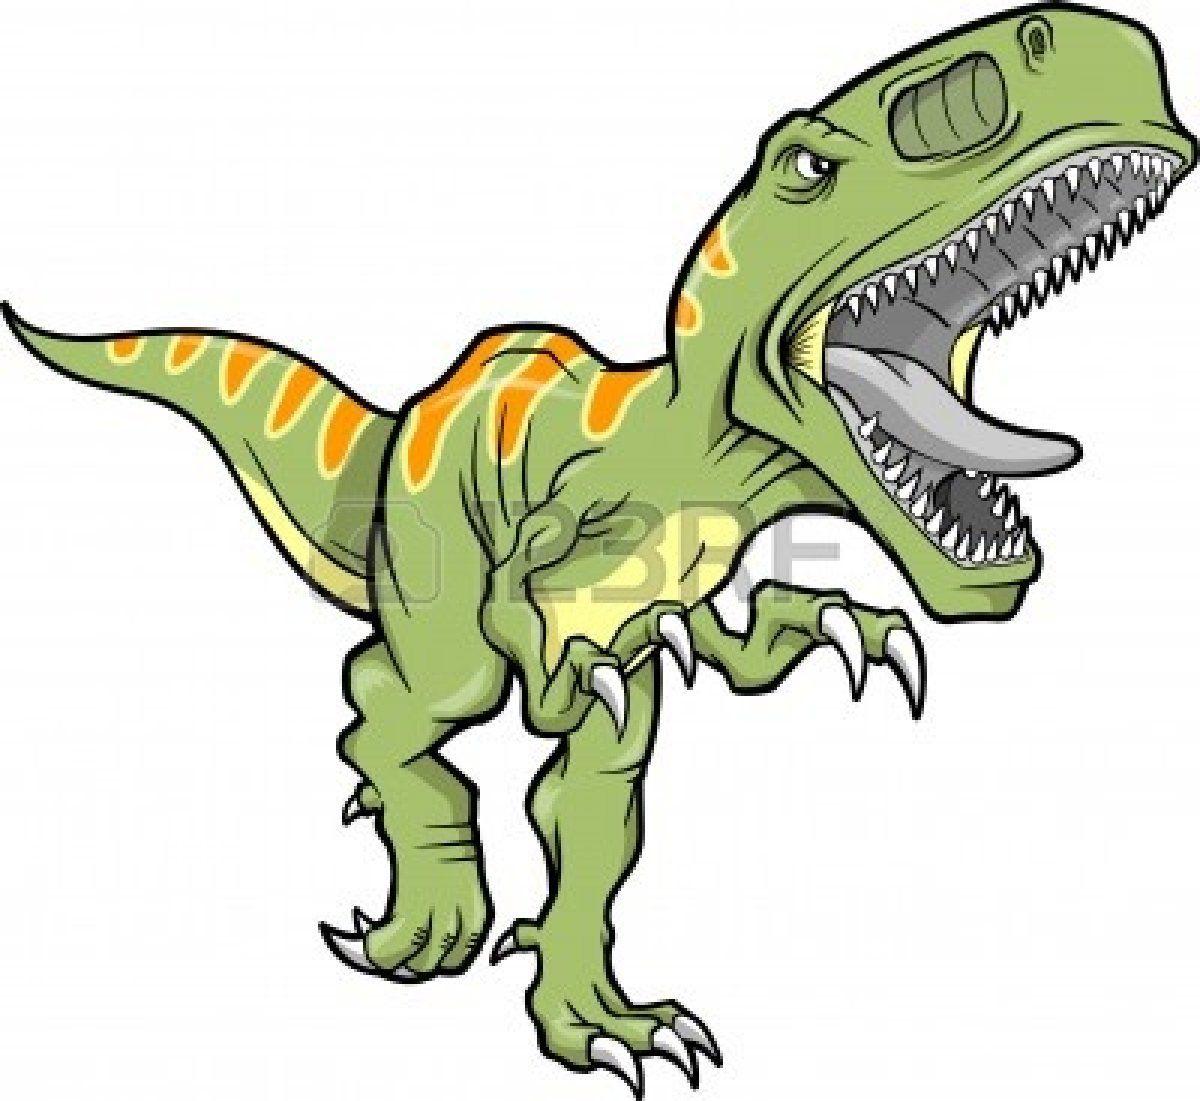 1200x1101 Rex Dinosaur Clip Art 3753100 Ilustraciones Vectoriales De Un T